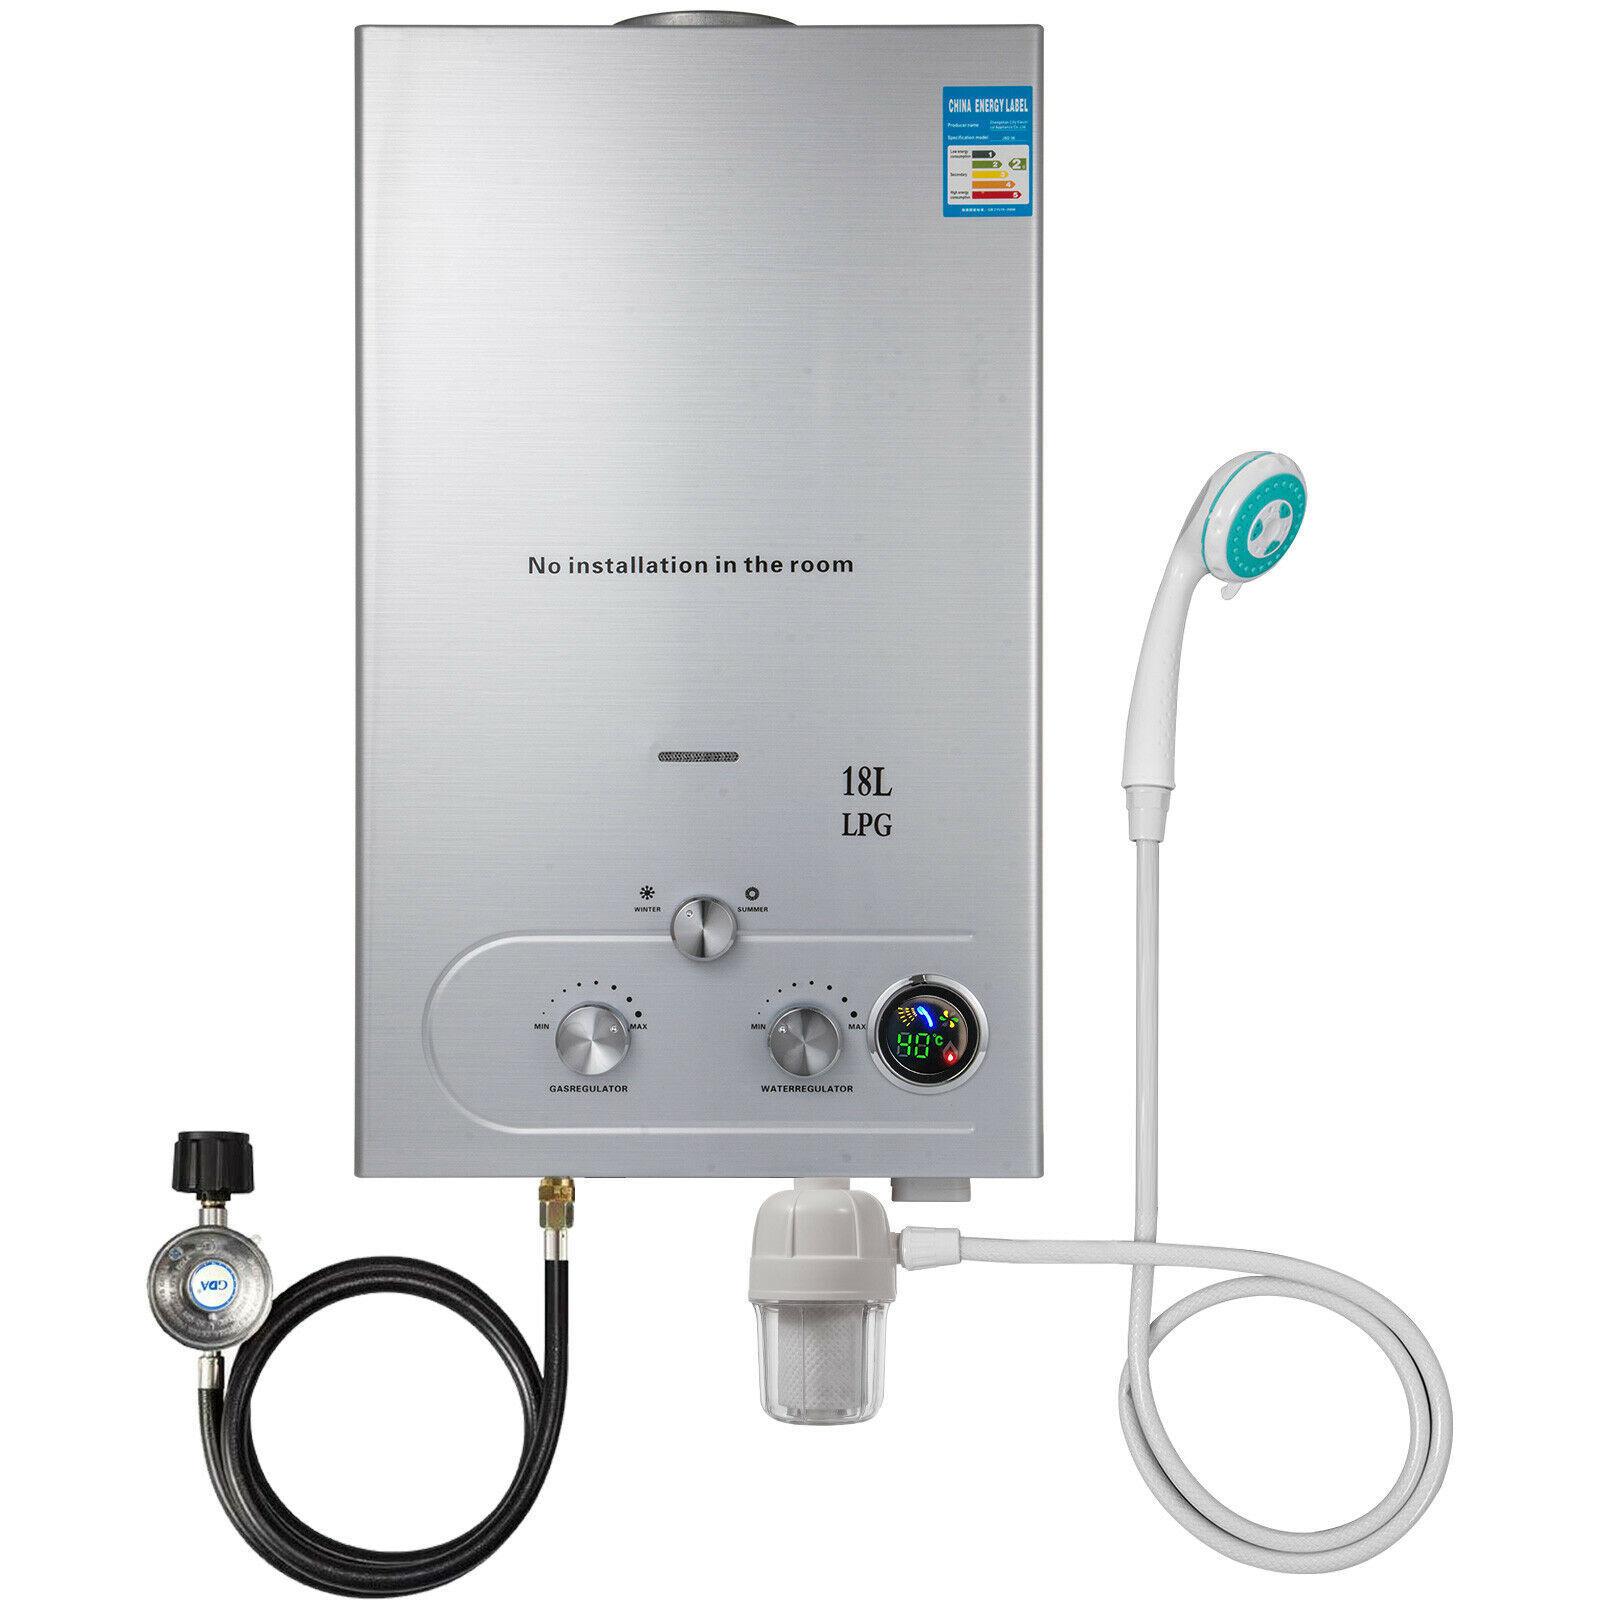 tankless Chauffe-eau 18l au Propane sans réservoir, 4,8 gpm, avec filtre à eau et régulateur de gaz, pour